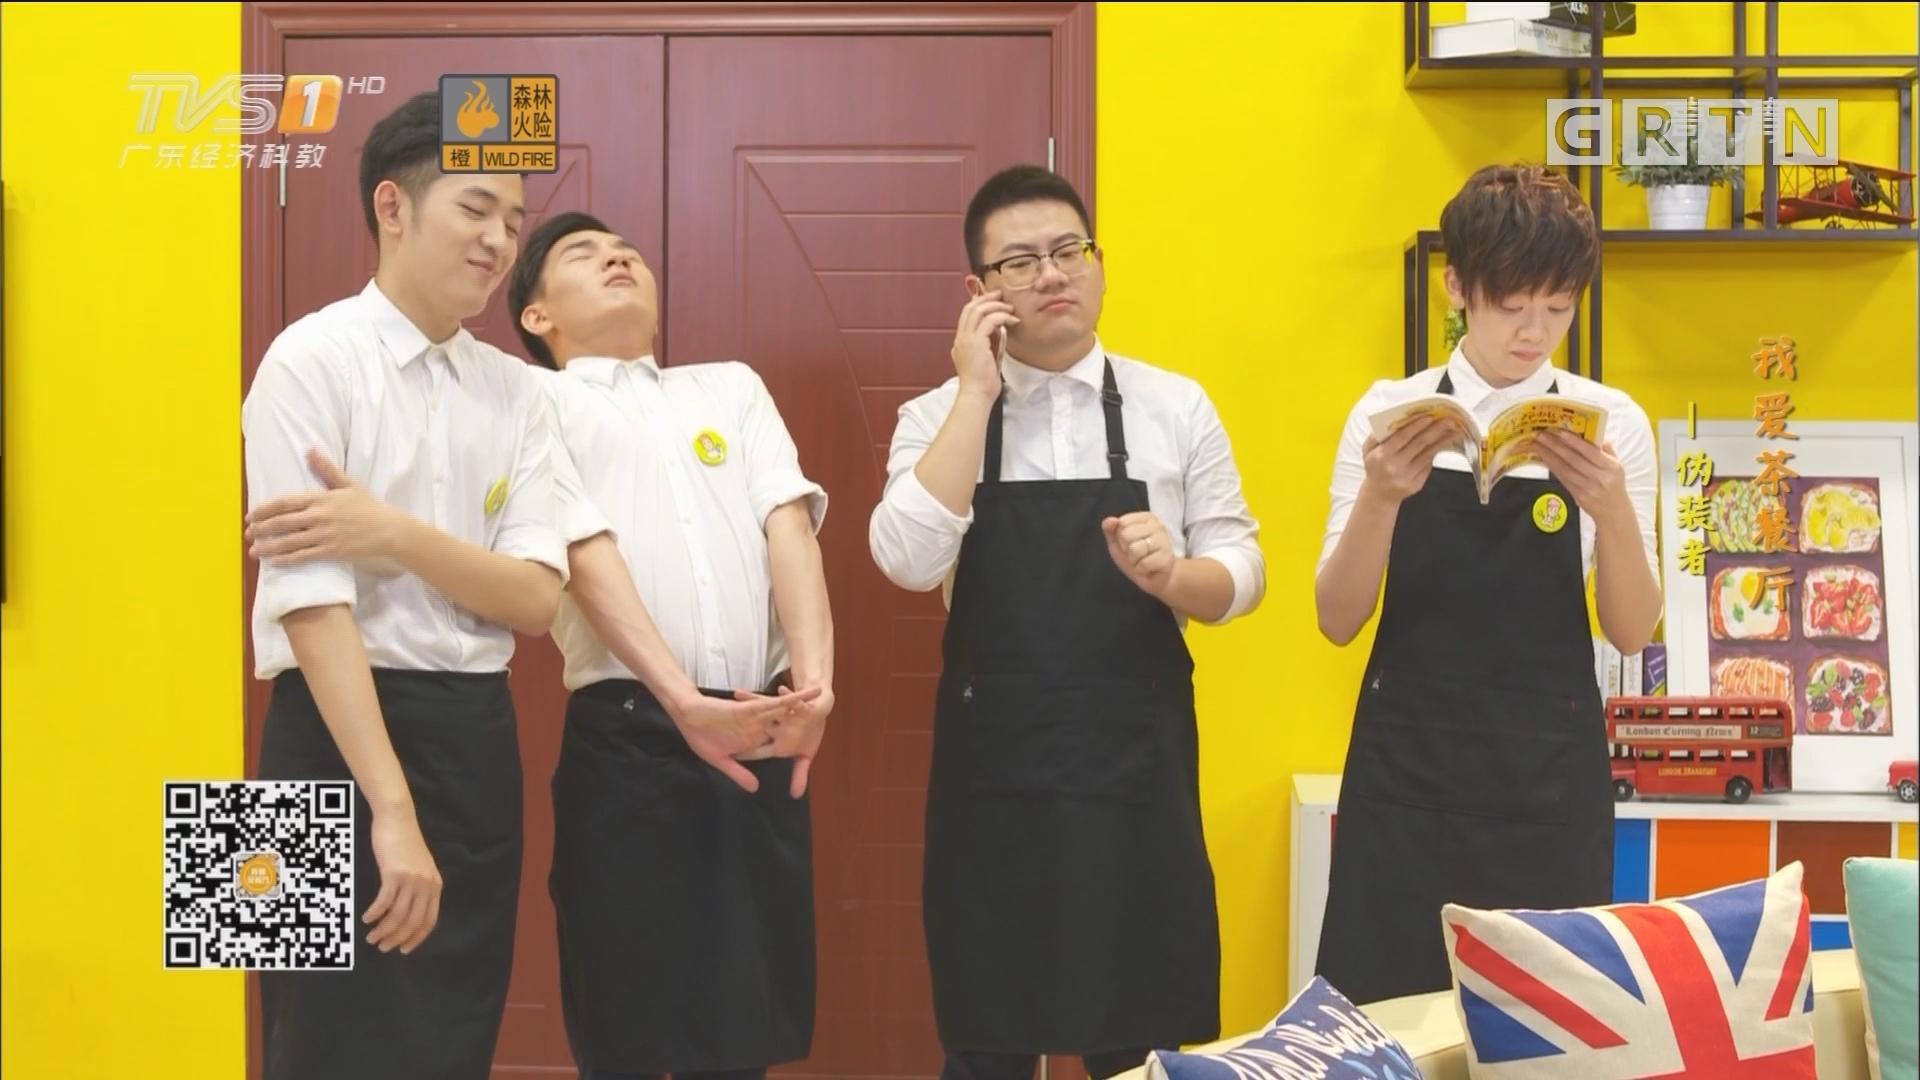 [HD][2017-12-23]我爱茶餐厅:伪装者